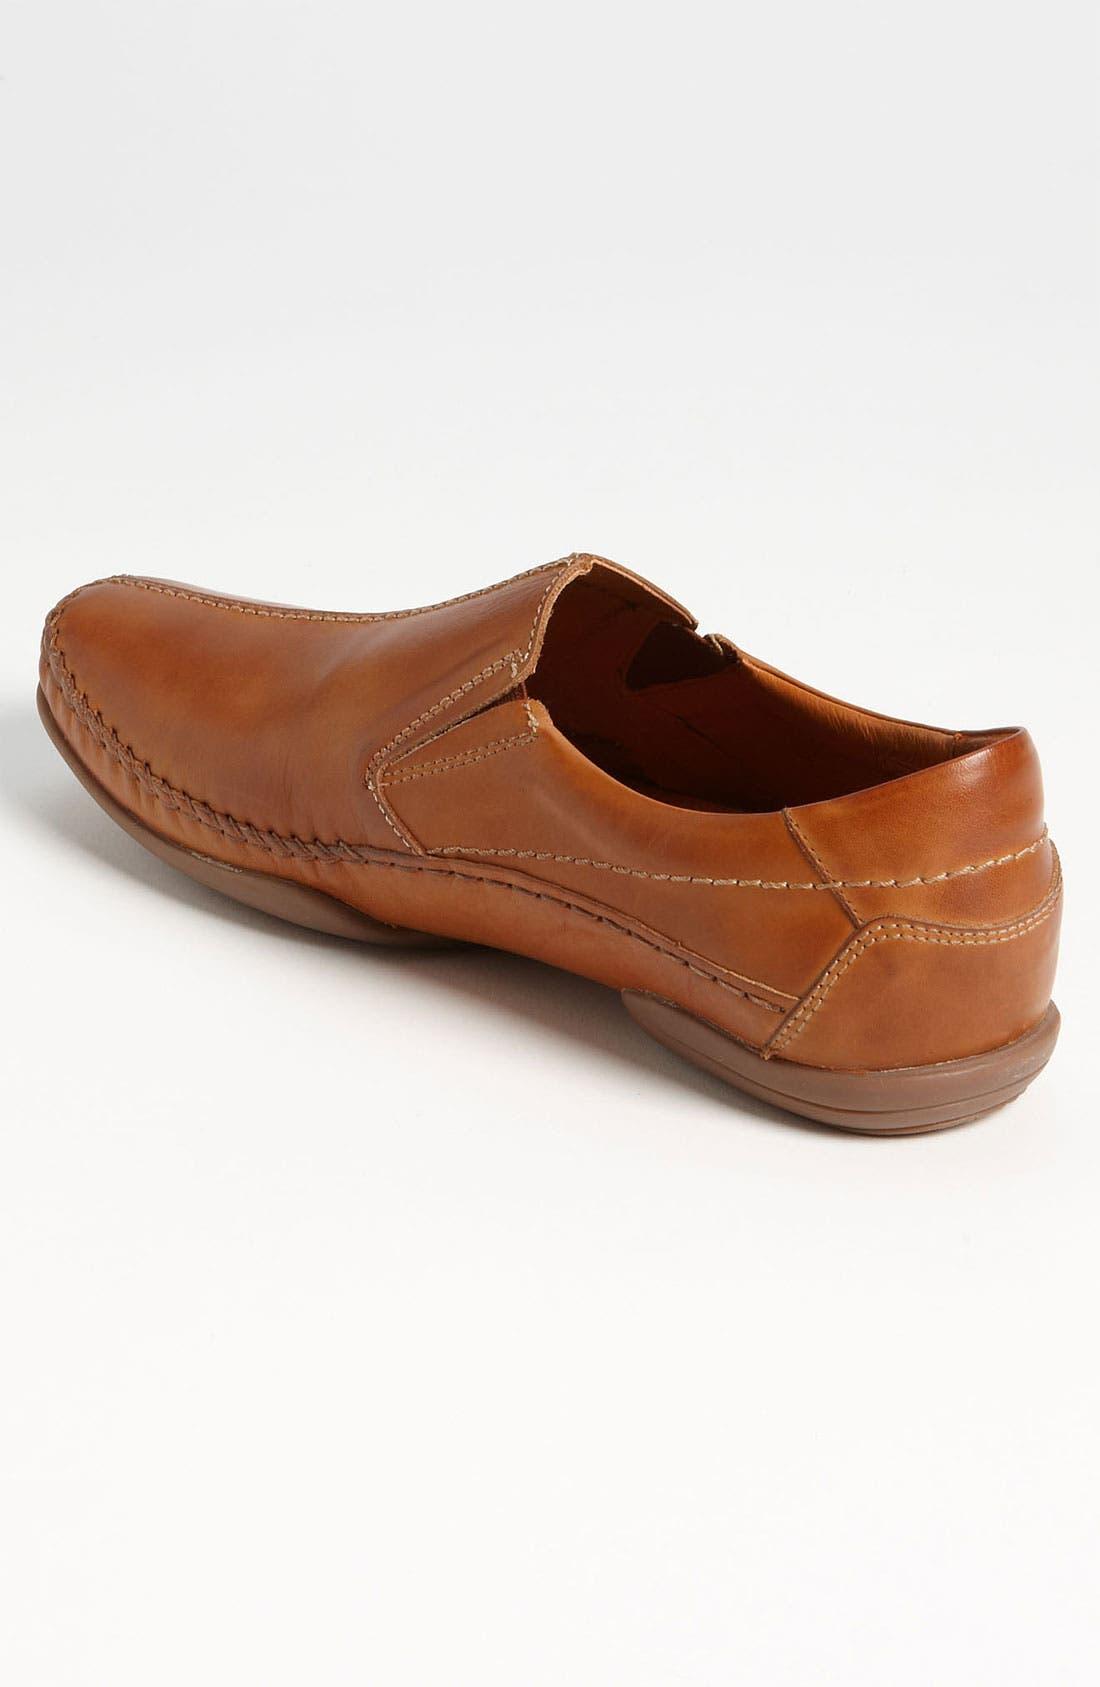 Alternate Image 2  - PIKOLINOS 'Puerto Rico' Loafer (Men)